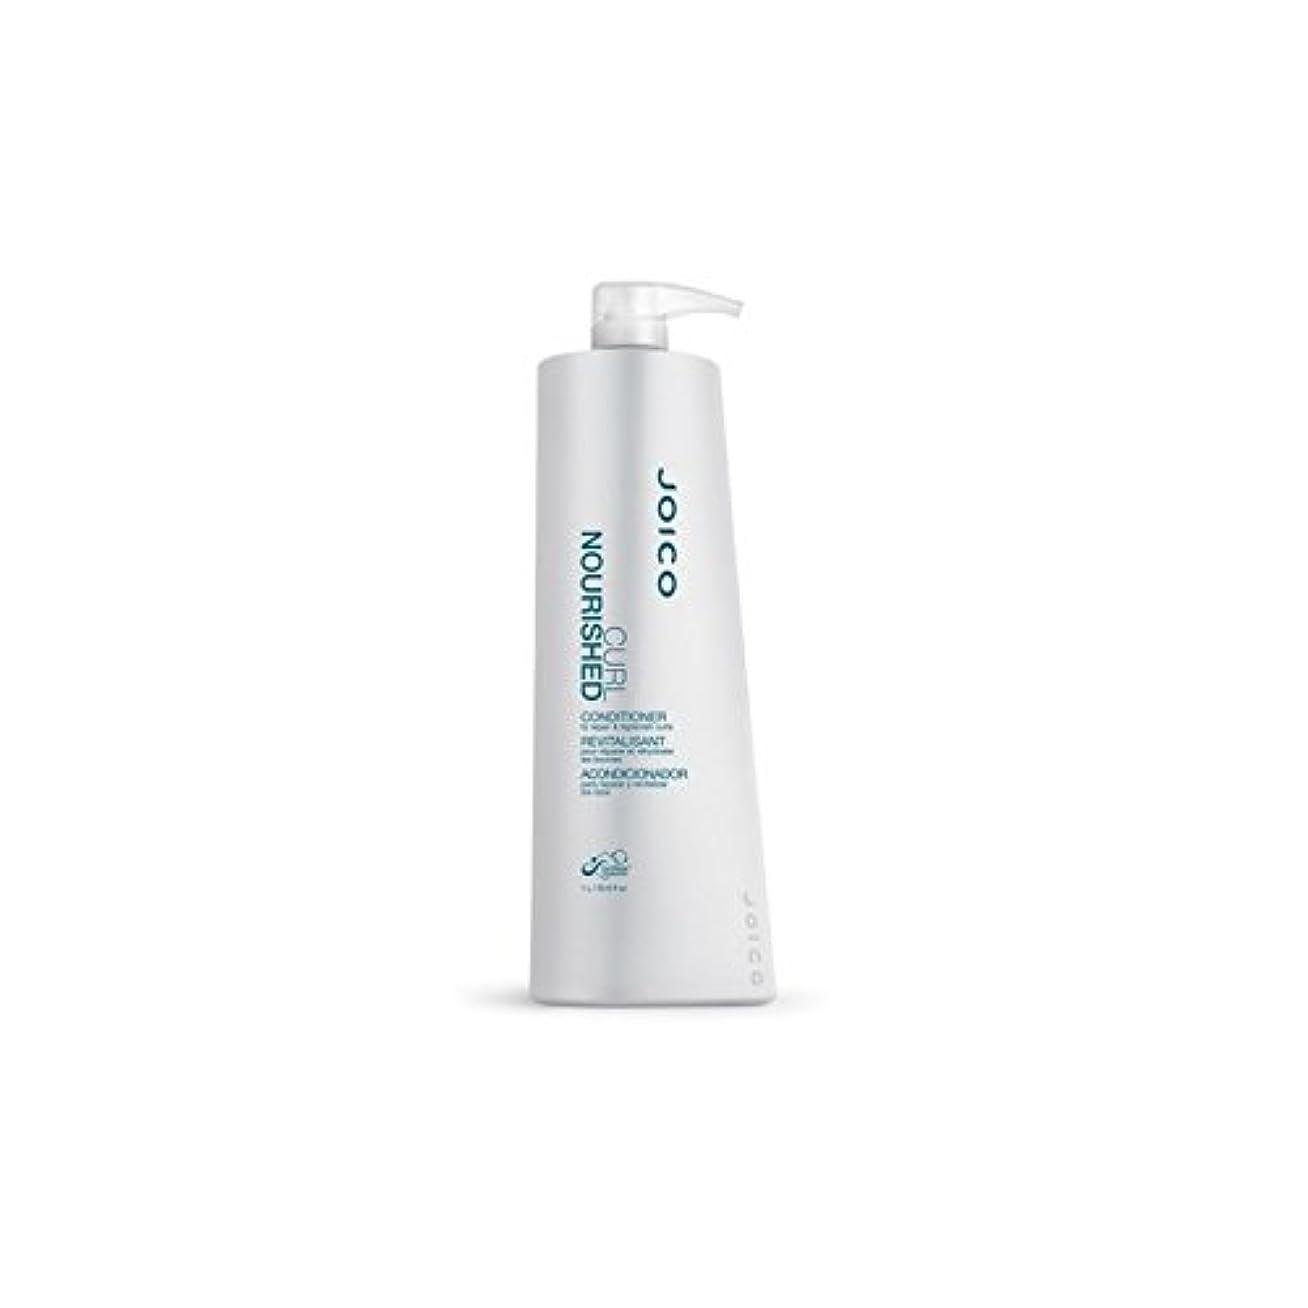 除外する名前繁栄するJoico Curl Nourished Conditioner To Repair And Nourish Curls (1000ml) (Pack of 6) - カール(千ミリリットル)を修復し、栄養を与えるために...